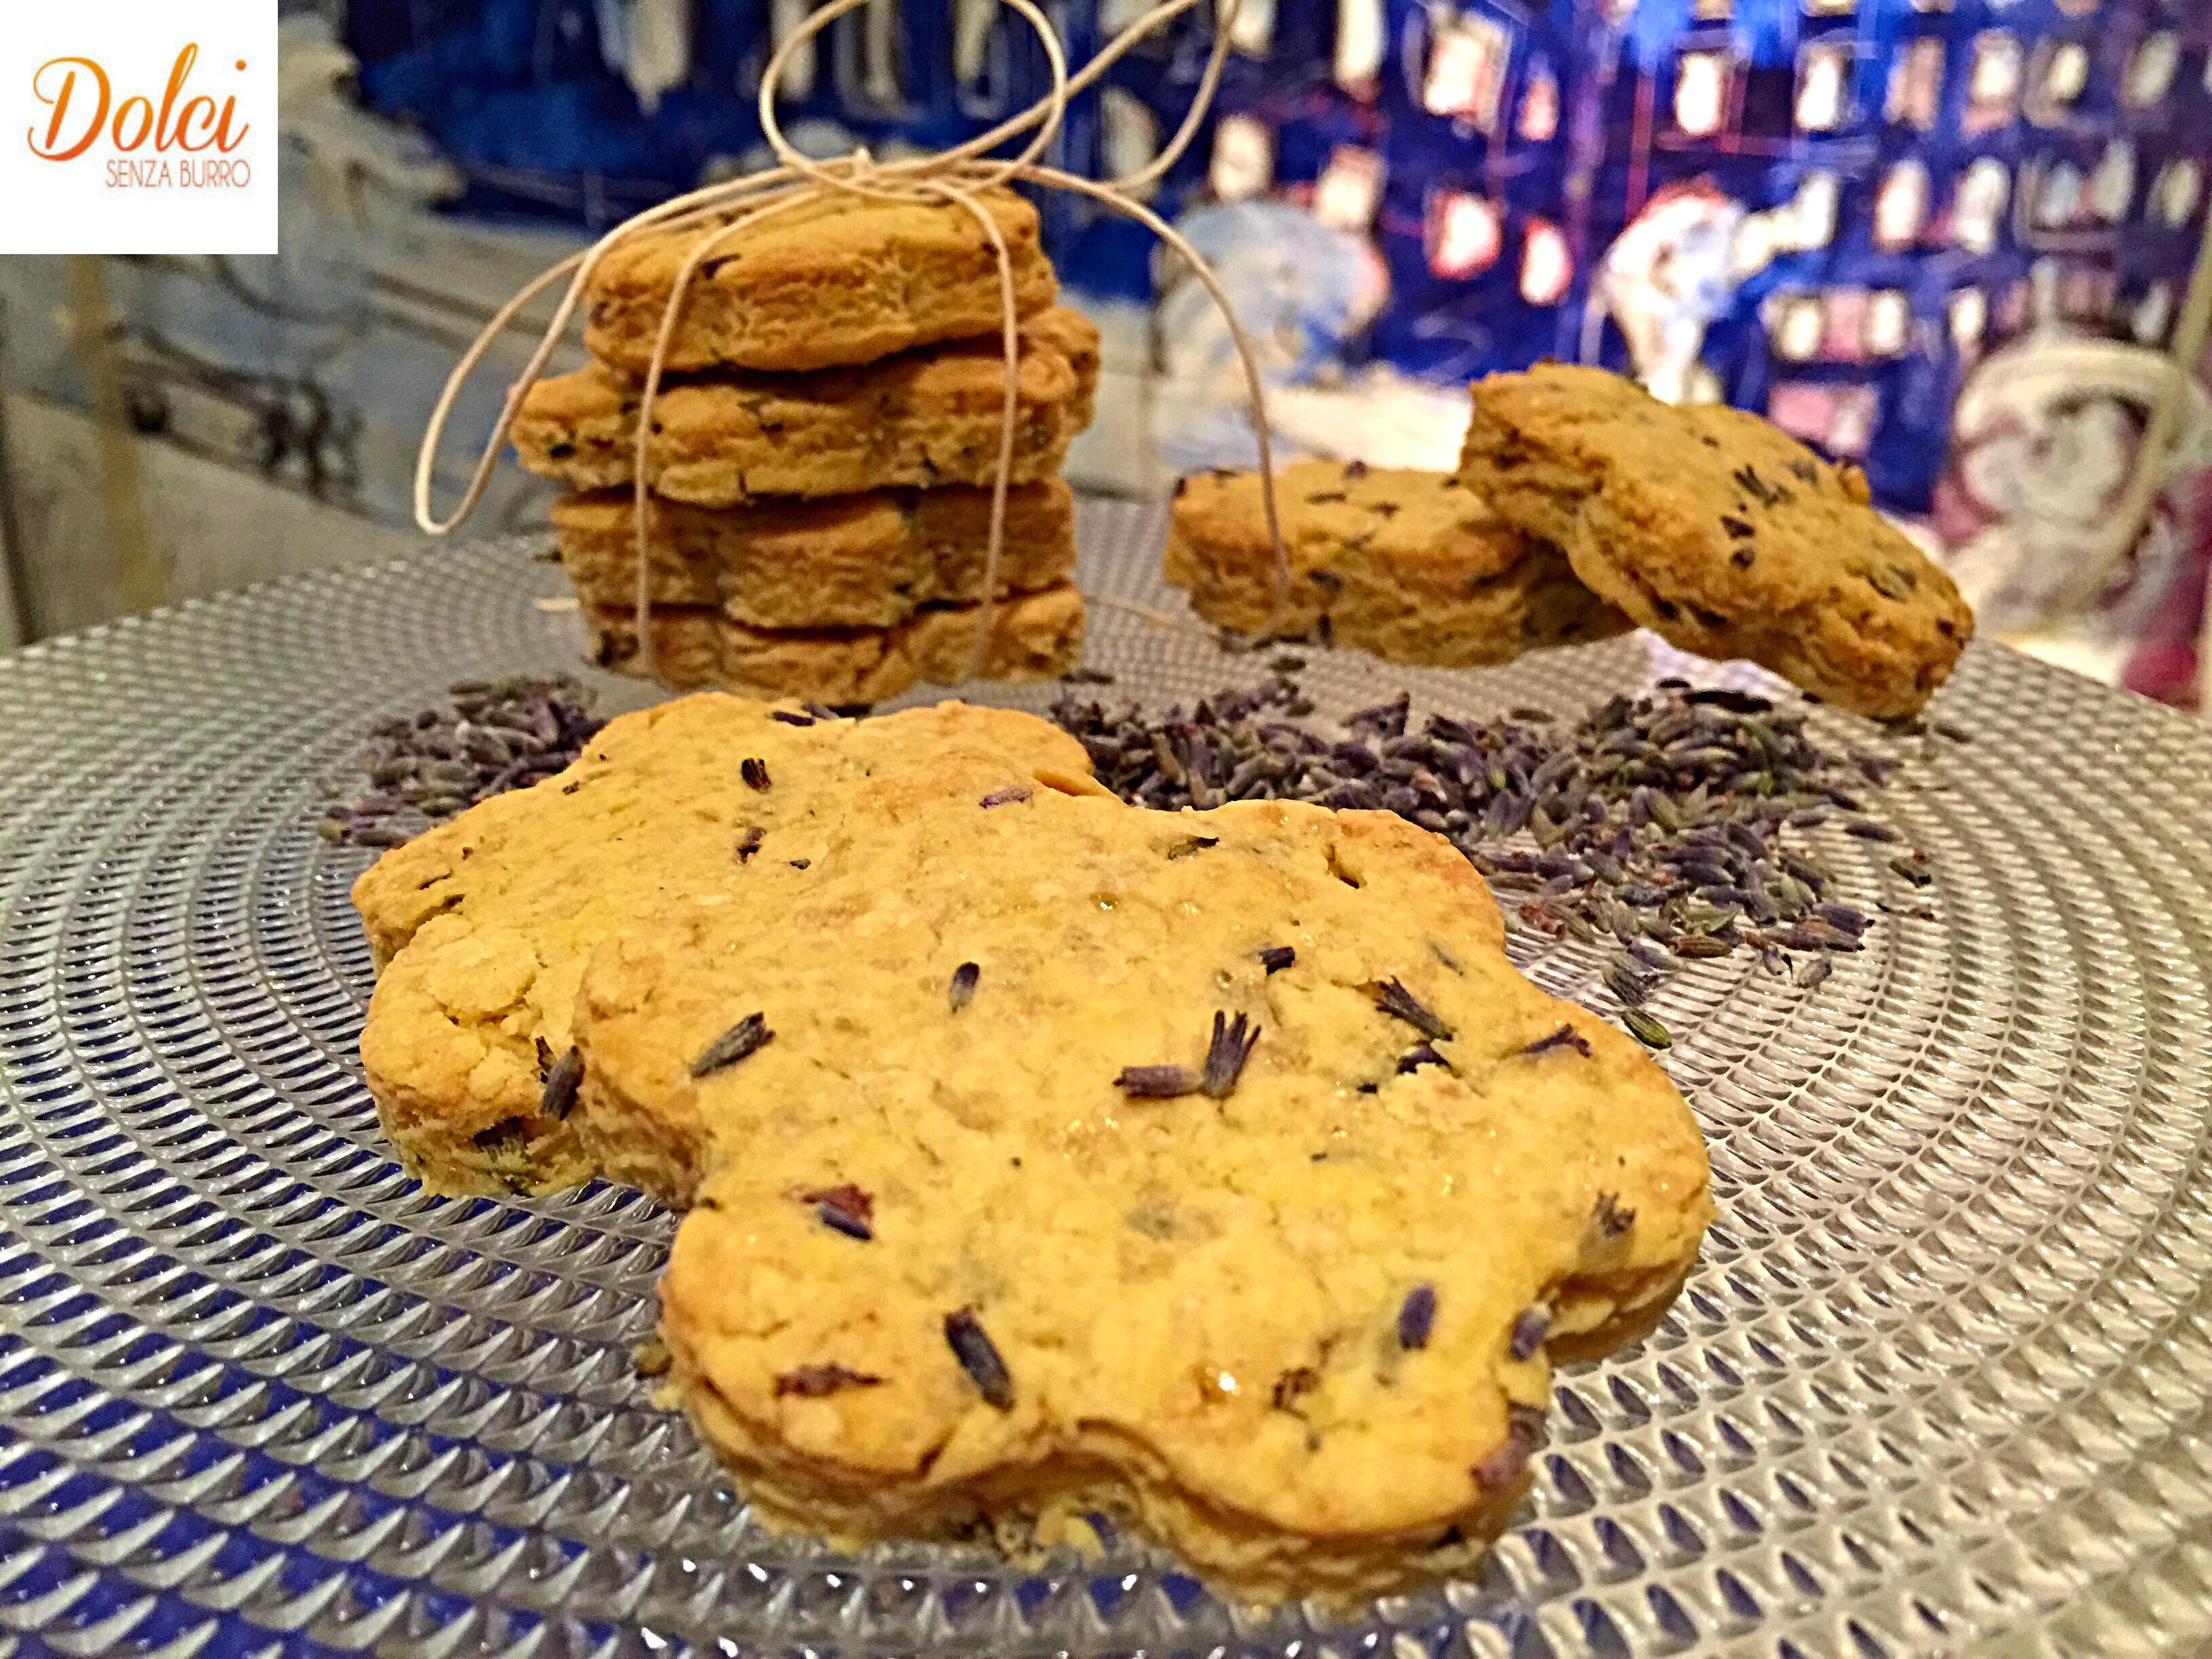 Biscotti alla Lavanda Senza Burro, i biscotti freschi e originali di dolci senza burro